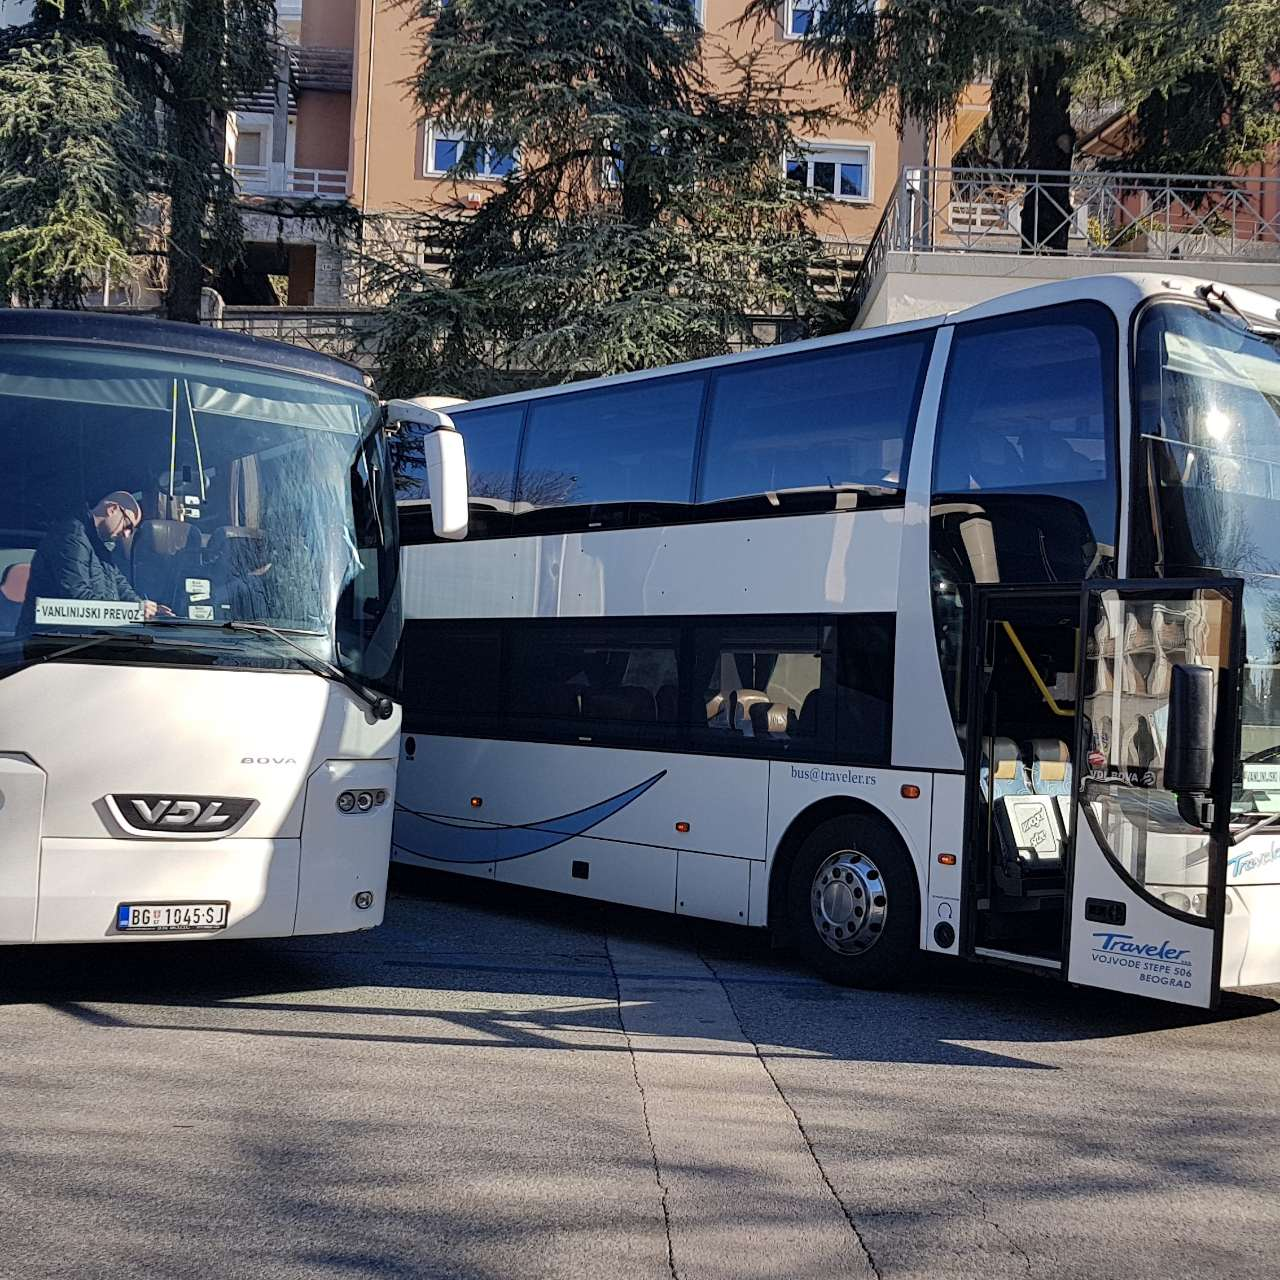 Rimini Iznajmljivanje Autobusa Duck Travel i Buisness Travel